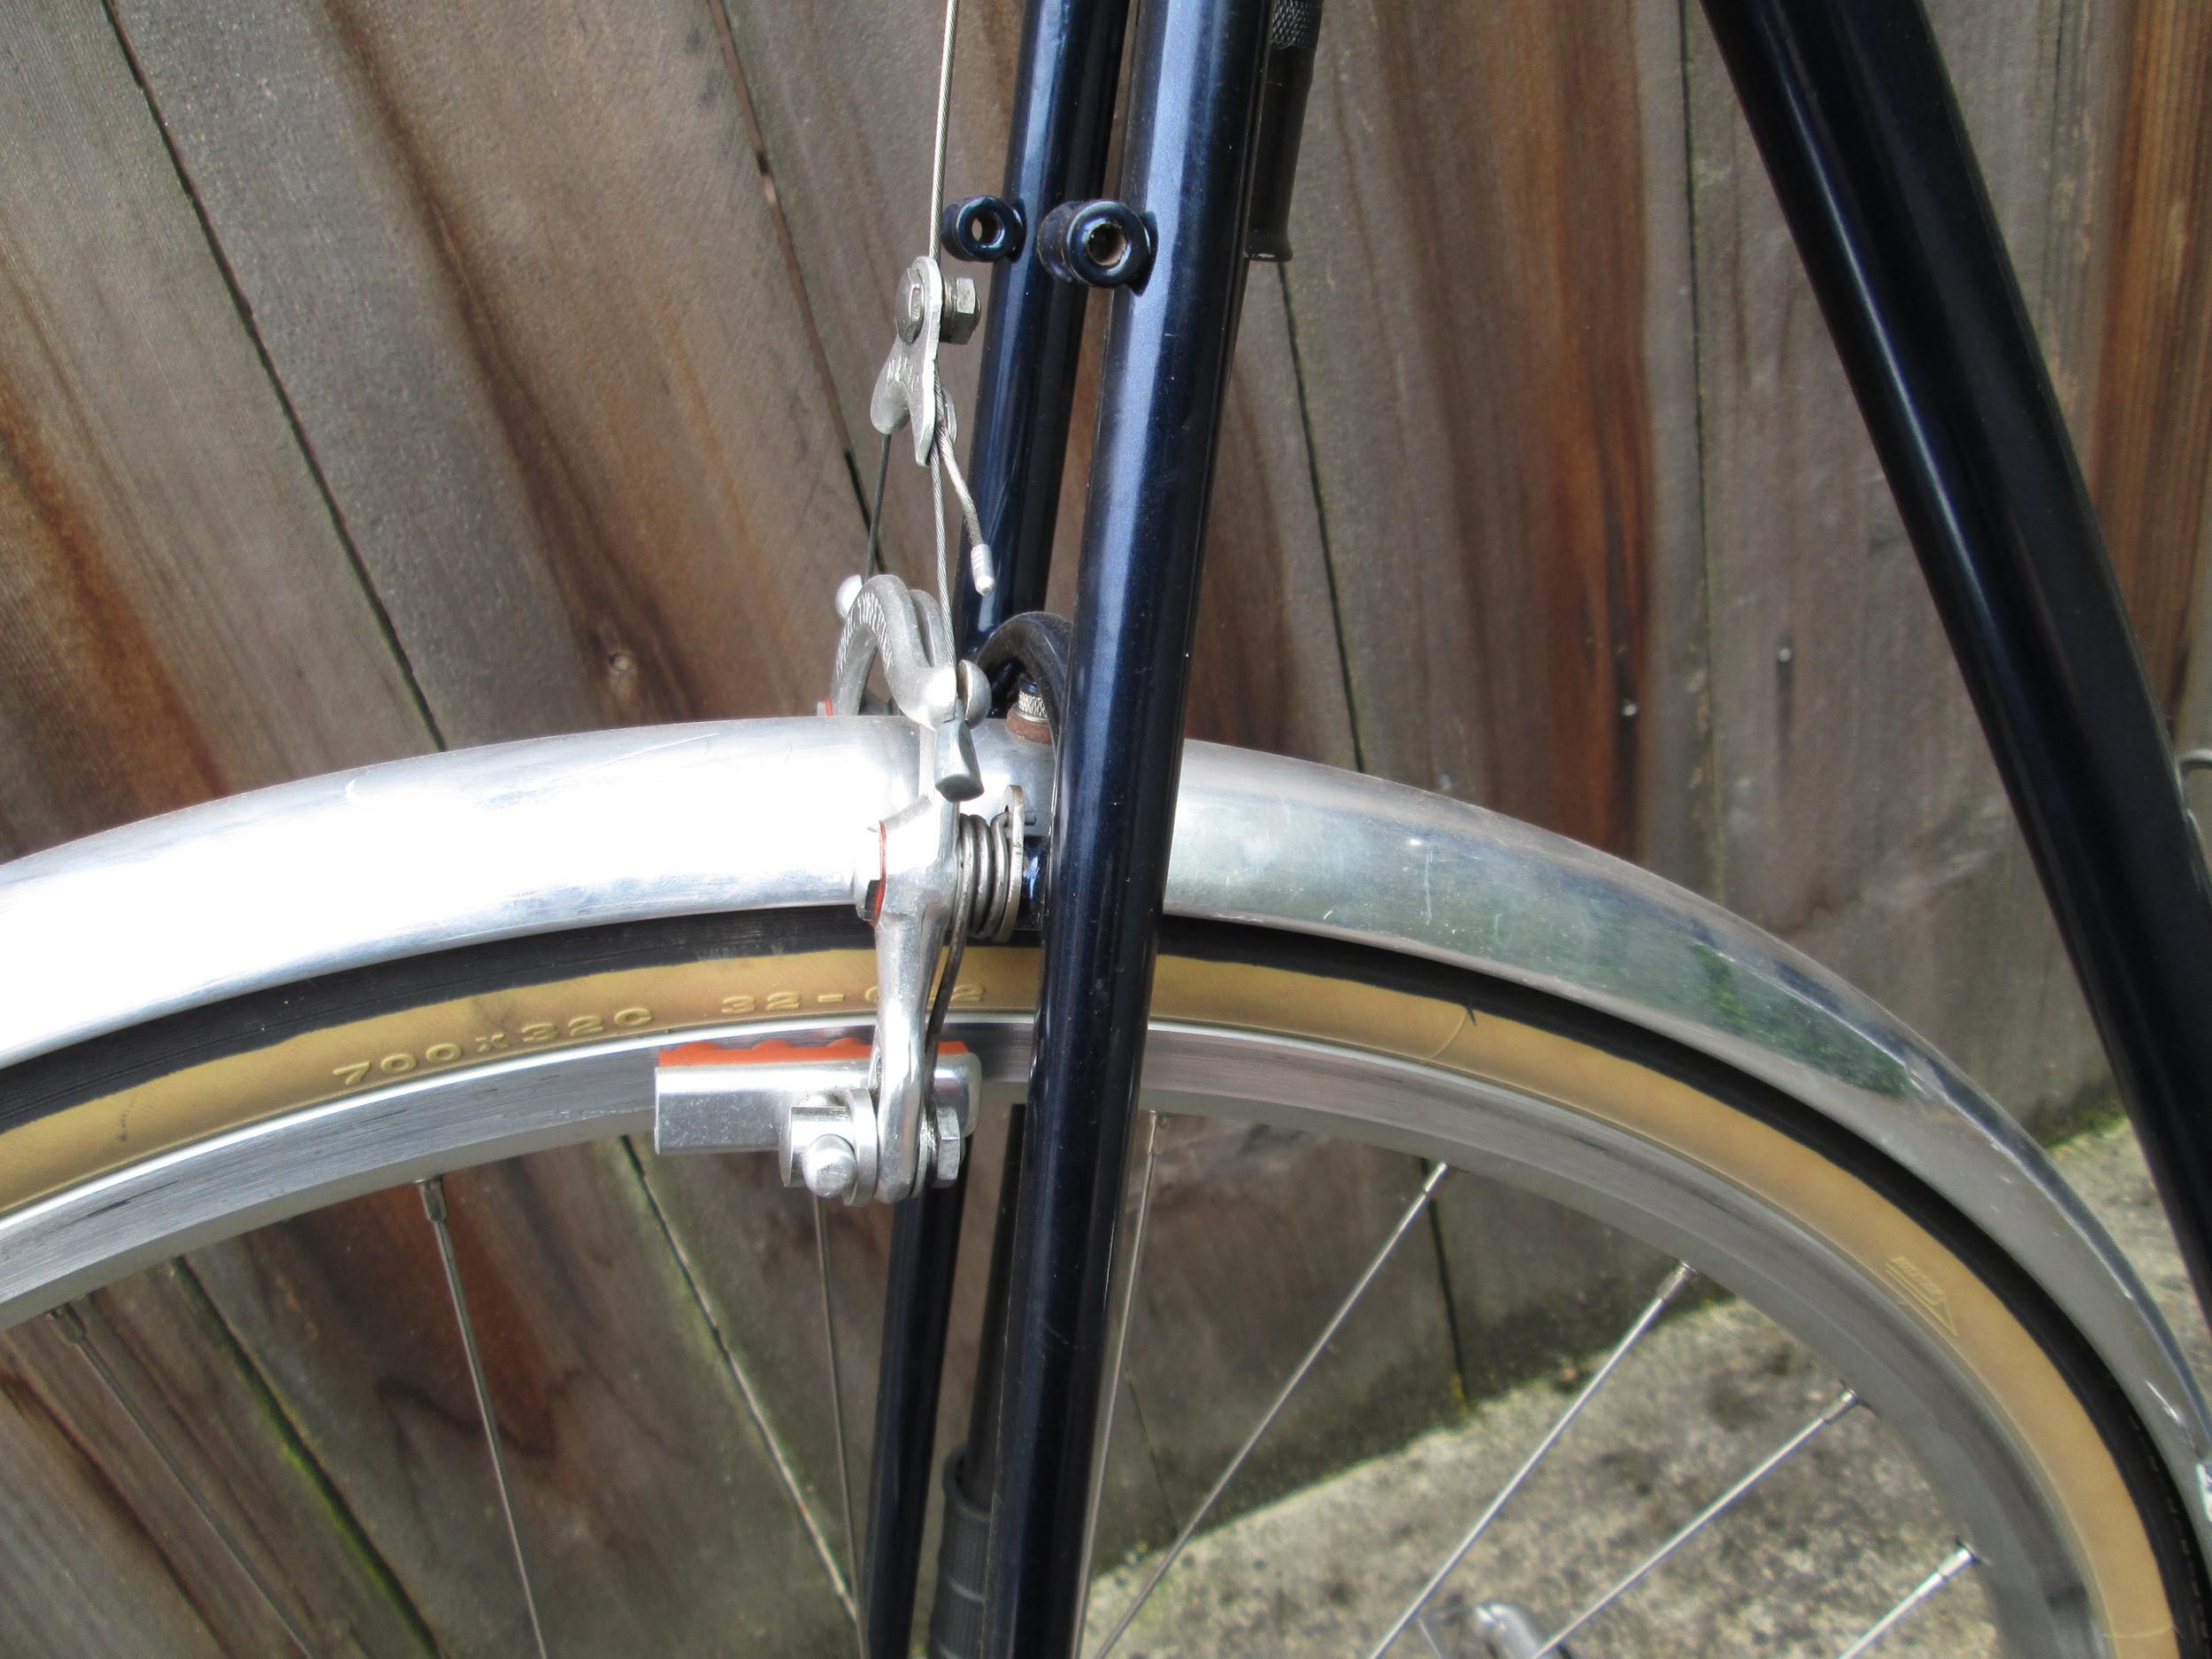 jims bike 012.JPG